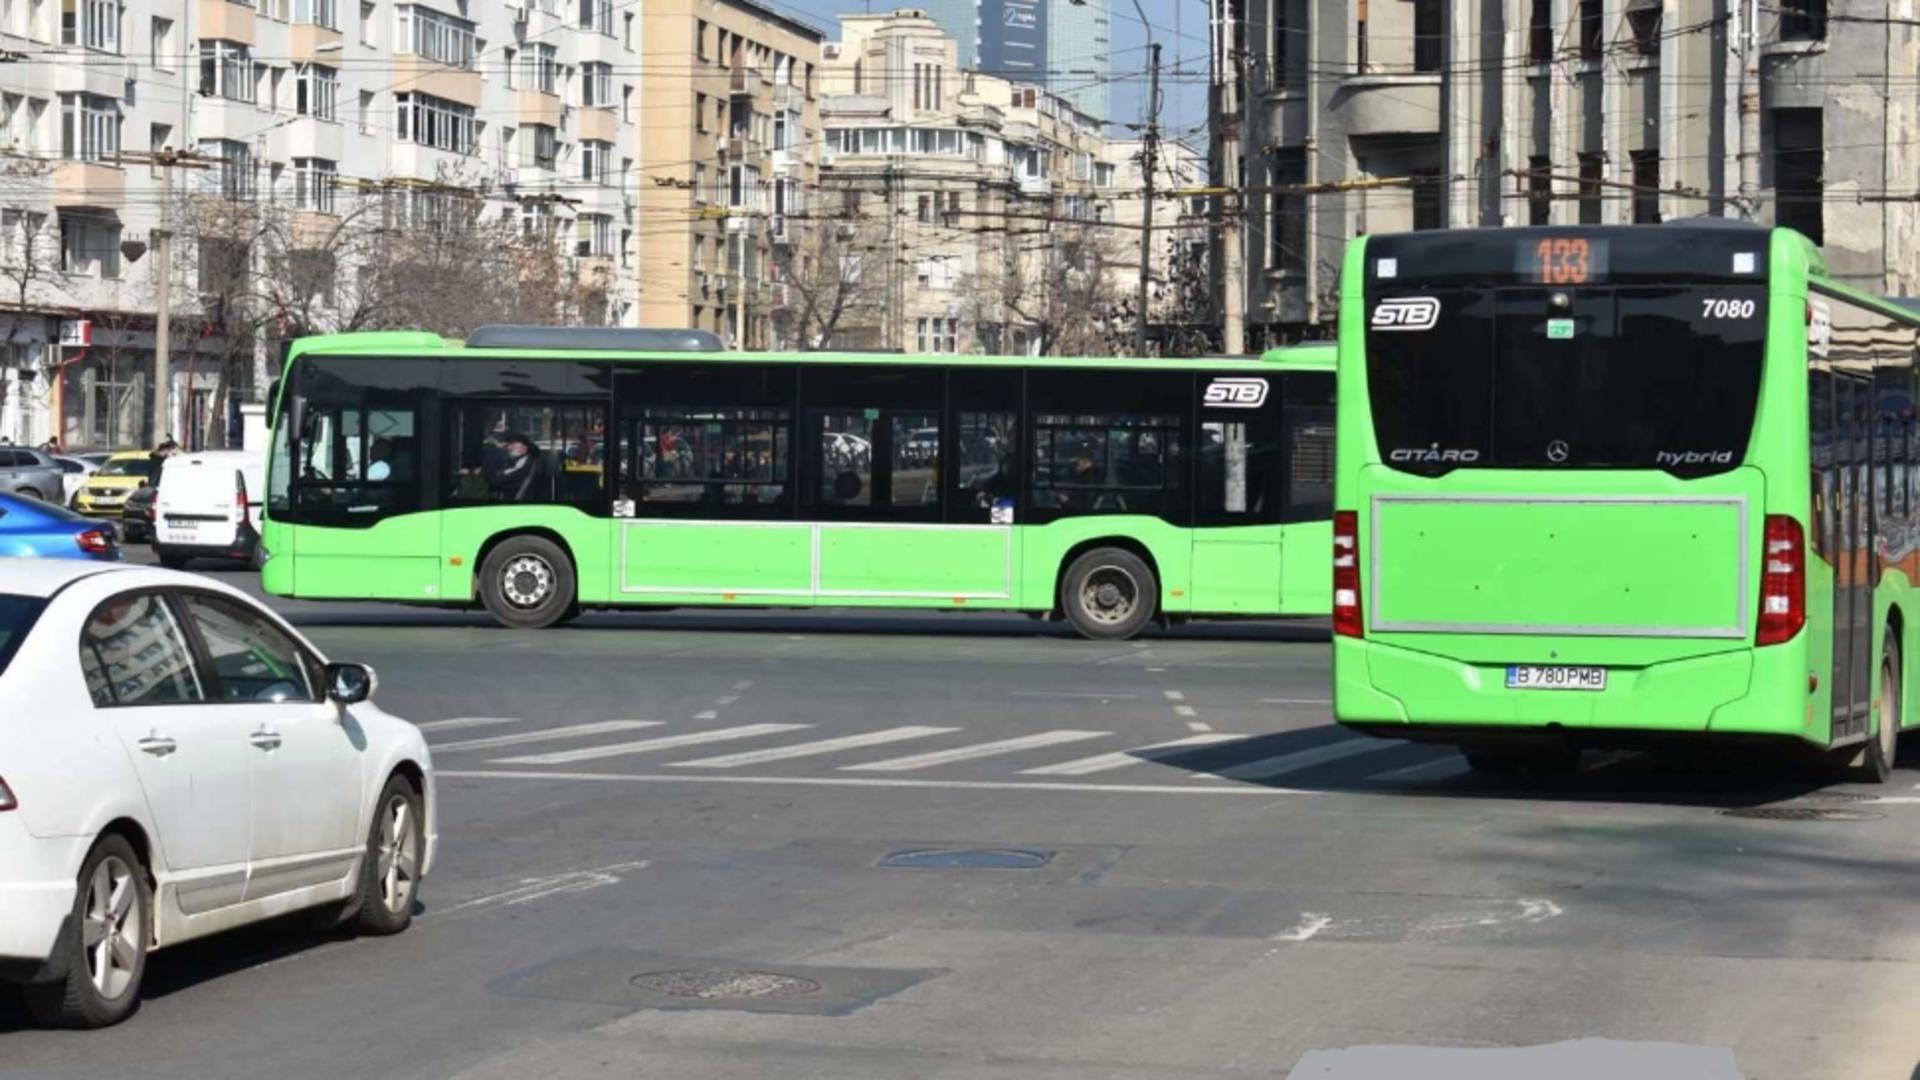 16 linii de transport public, deviate începând de astăzi. Sursa foto: Facebook